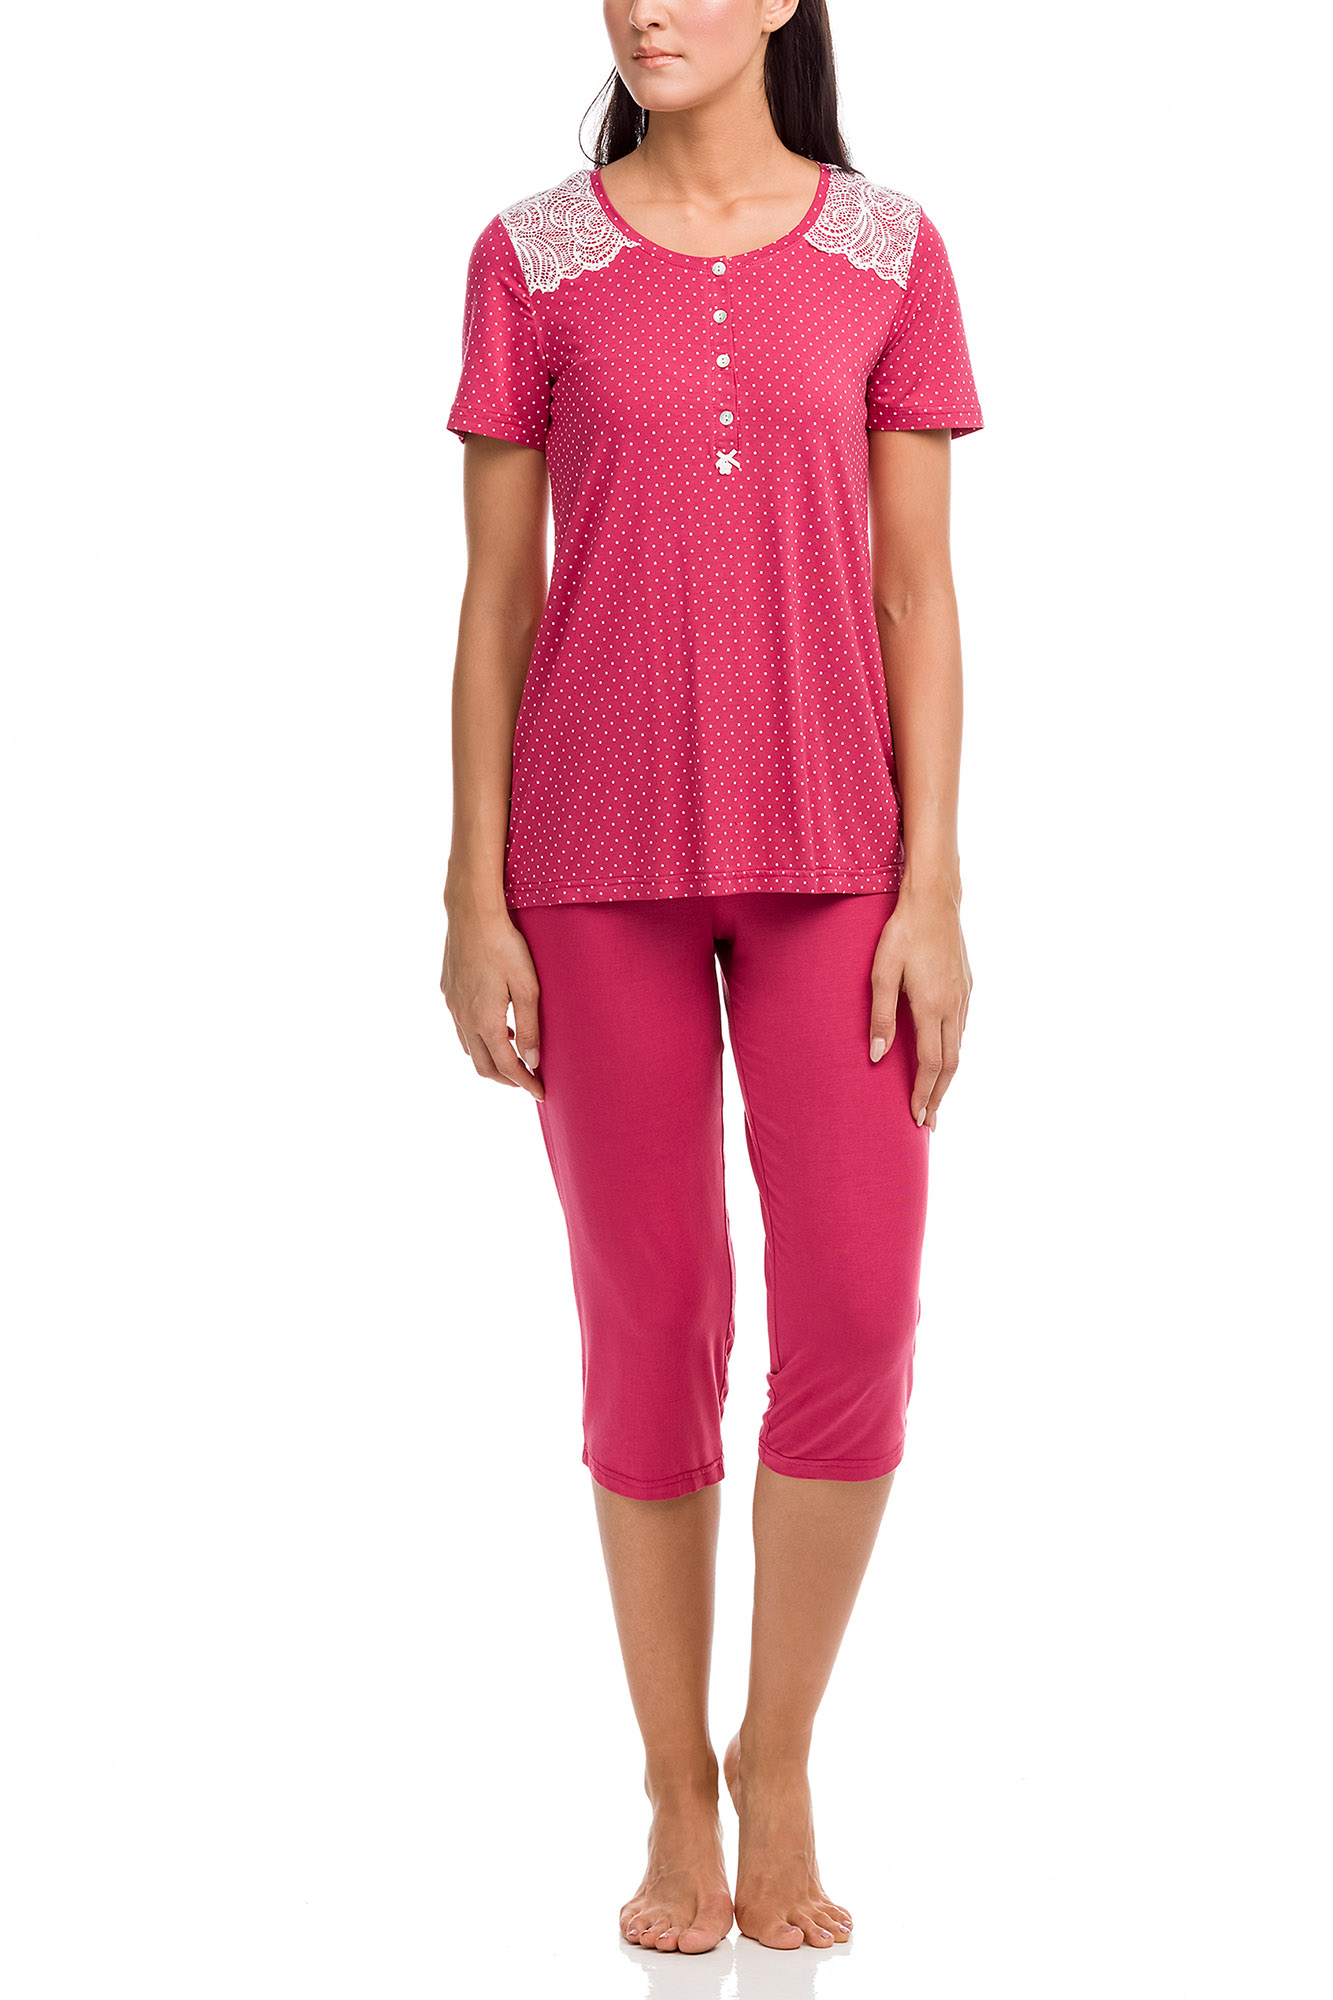 Vamp - Dámske pyžamo 12144 - Vamp red bud xl